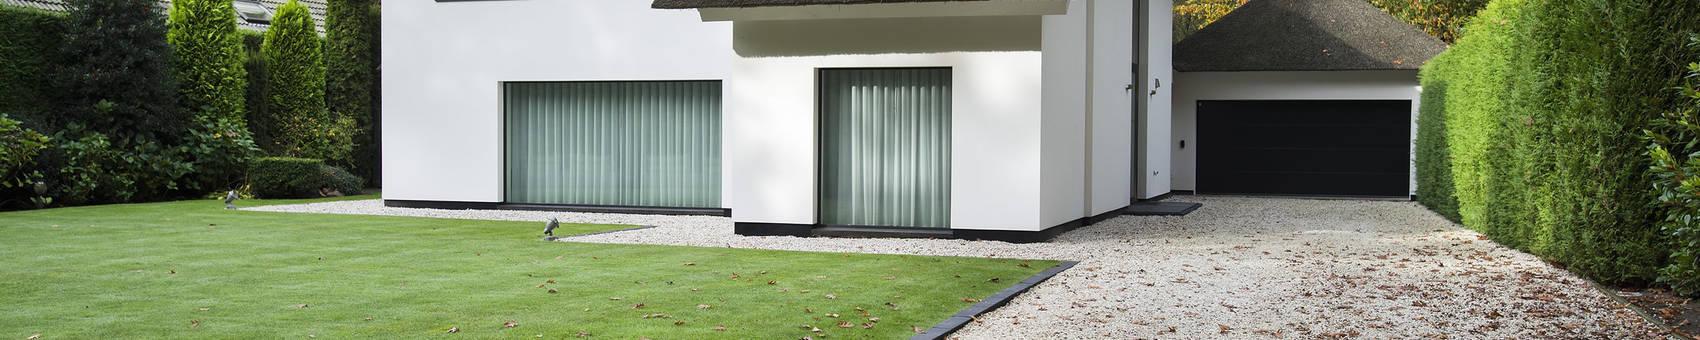 Eigentijds wonen in een rietgedekte villa Lab32 architecten Moderne huizen